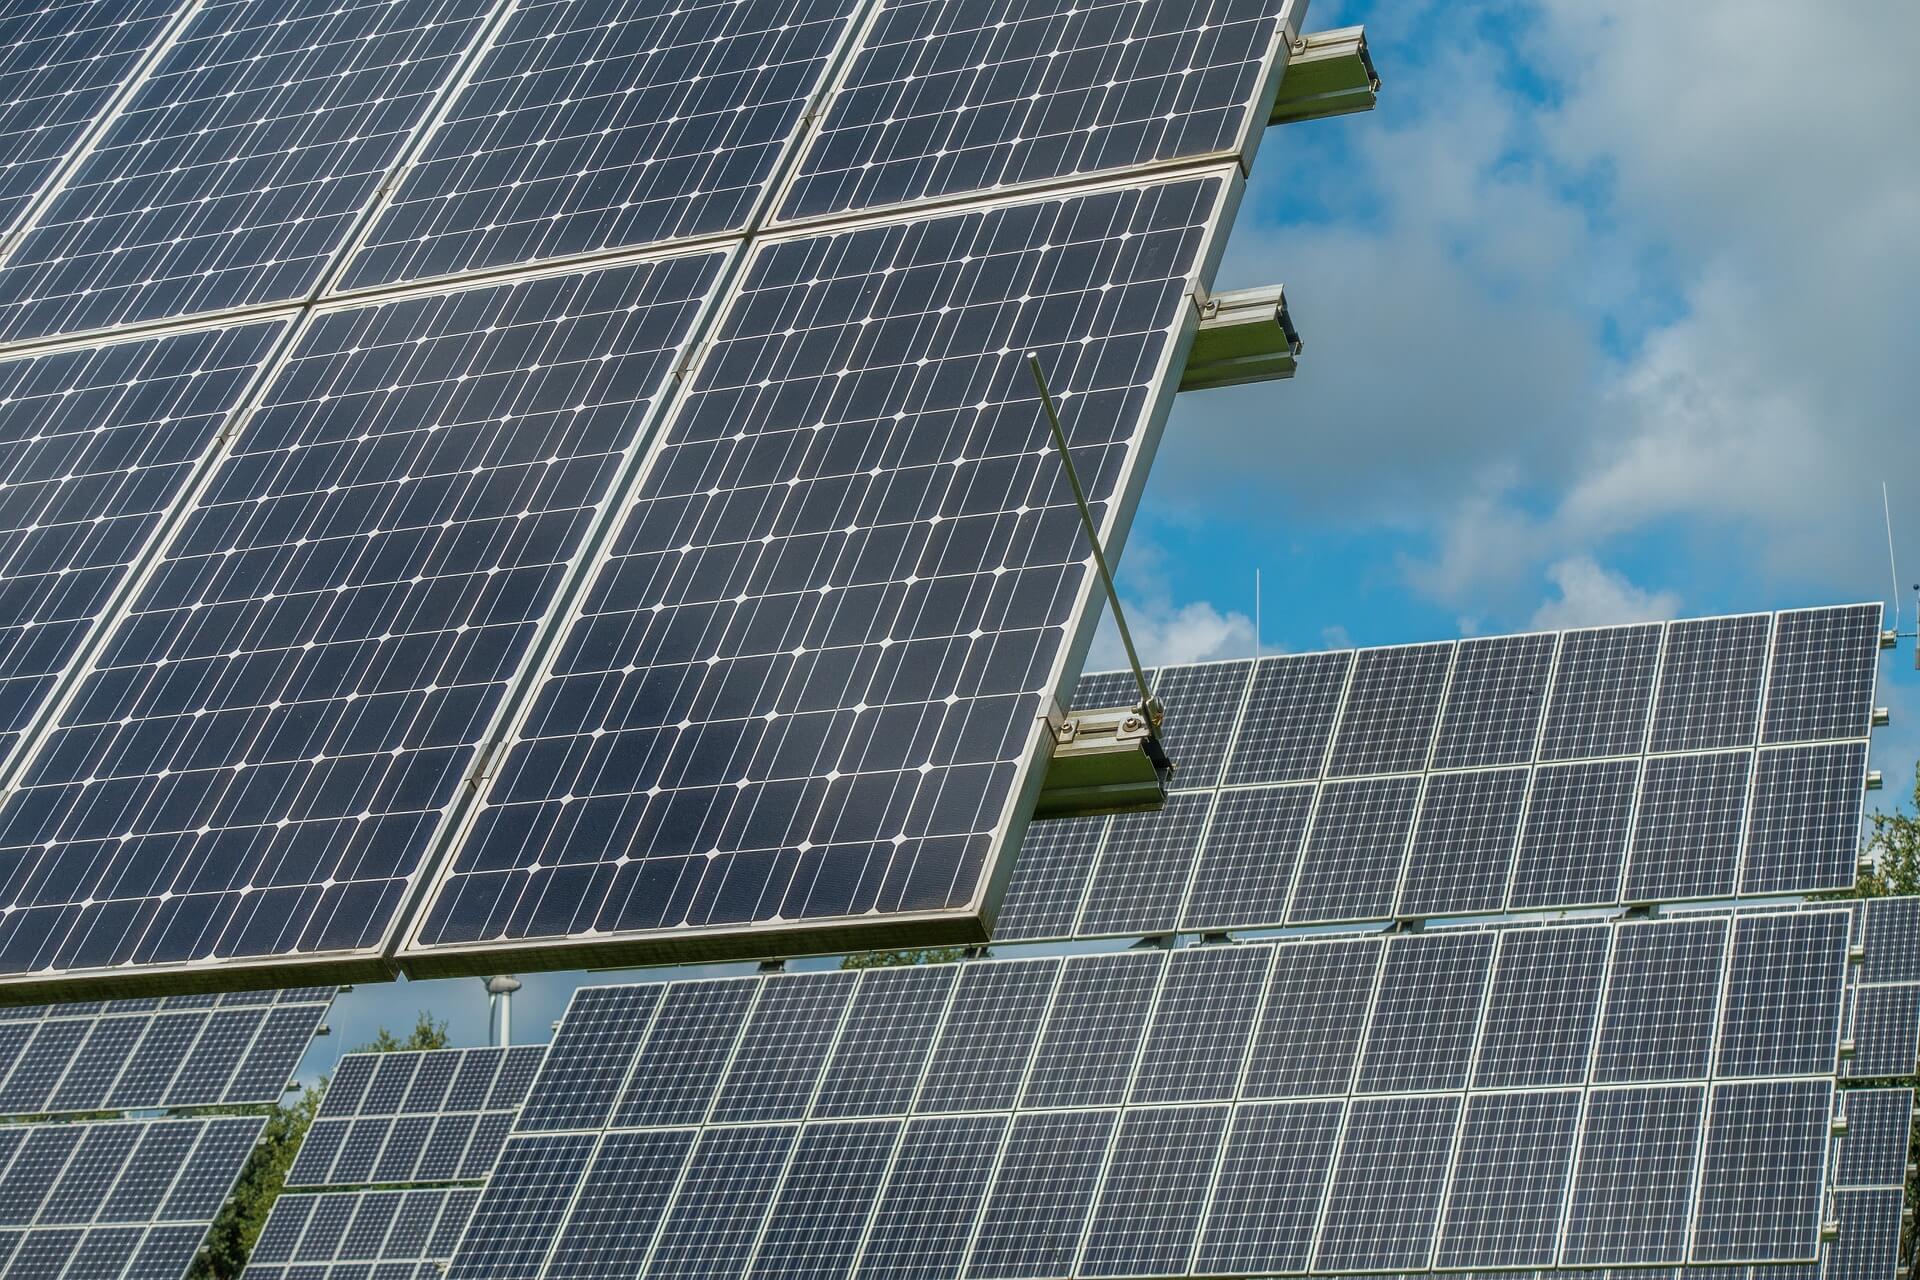 a1_solar-Jelentős hatékonysági rekorddöntési hullám jön